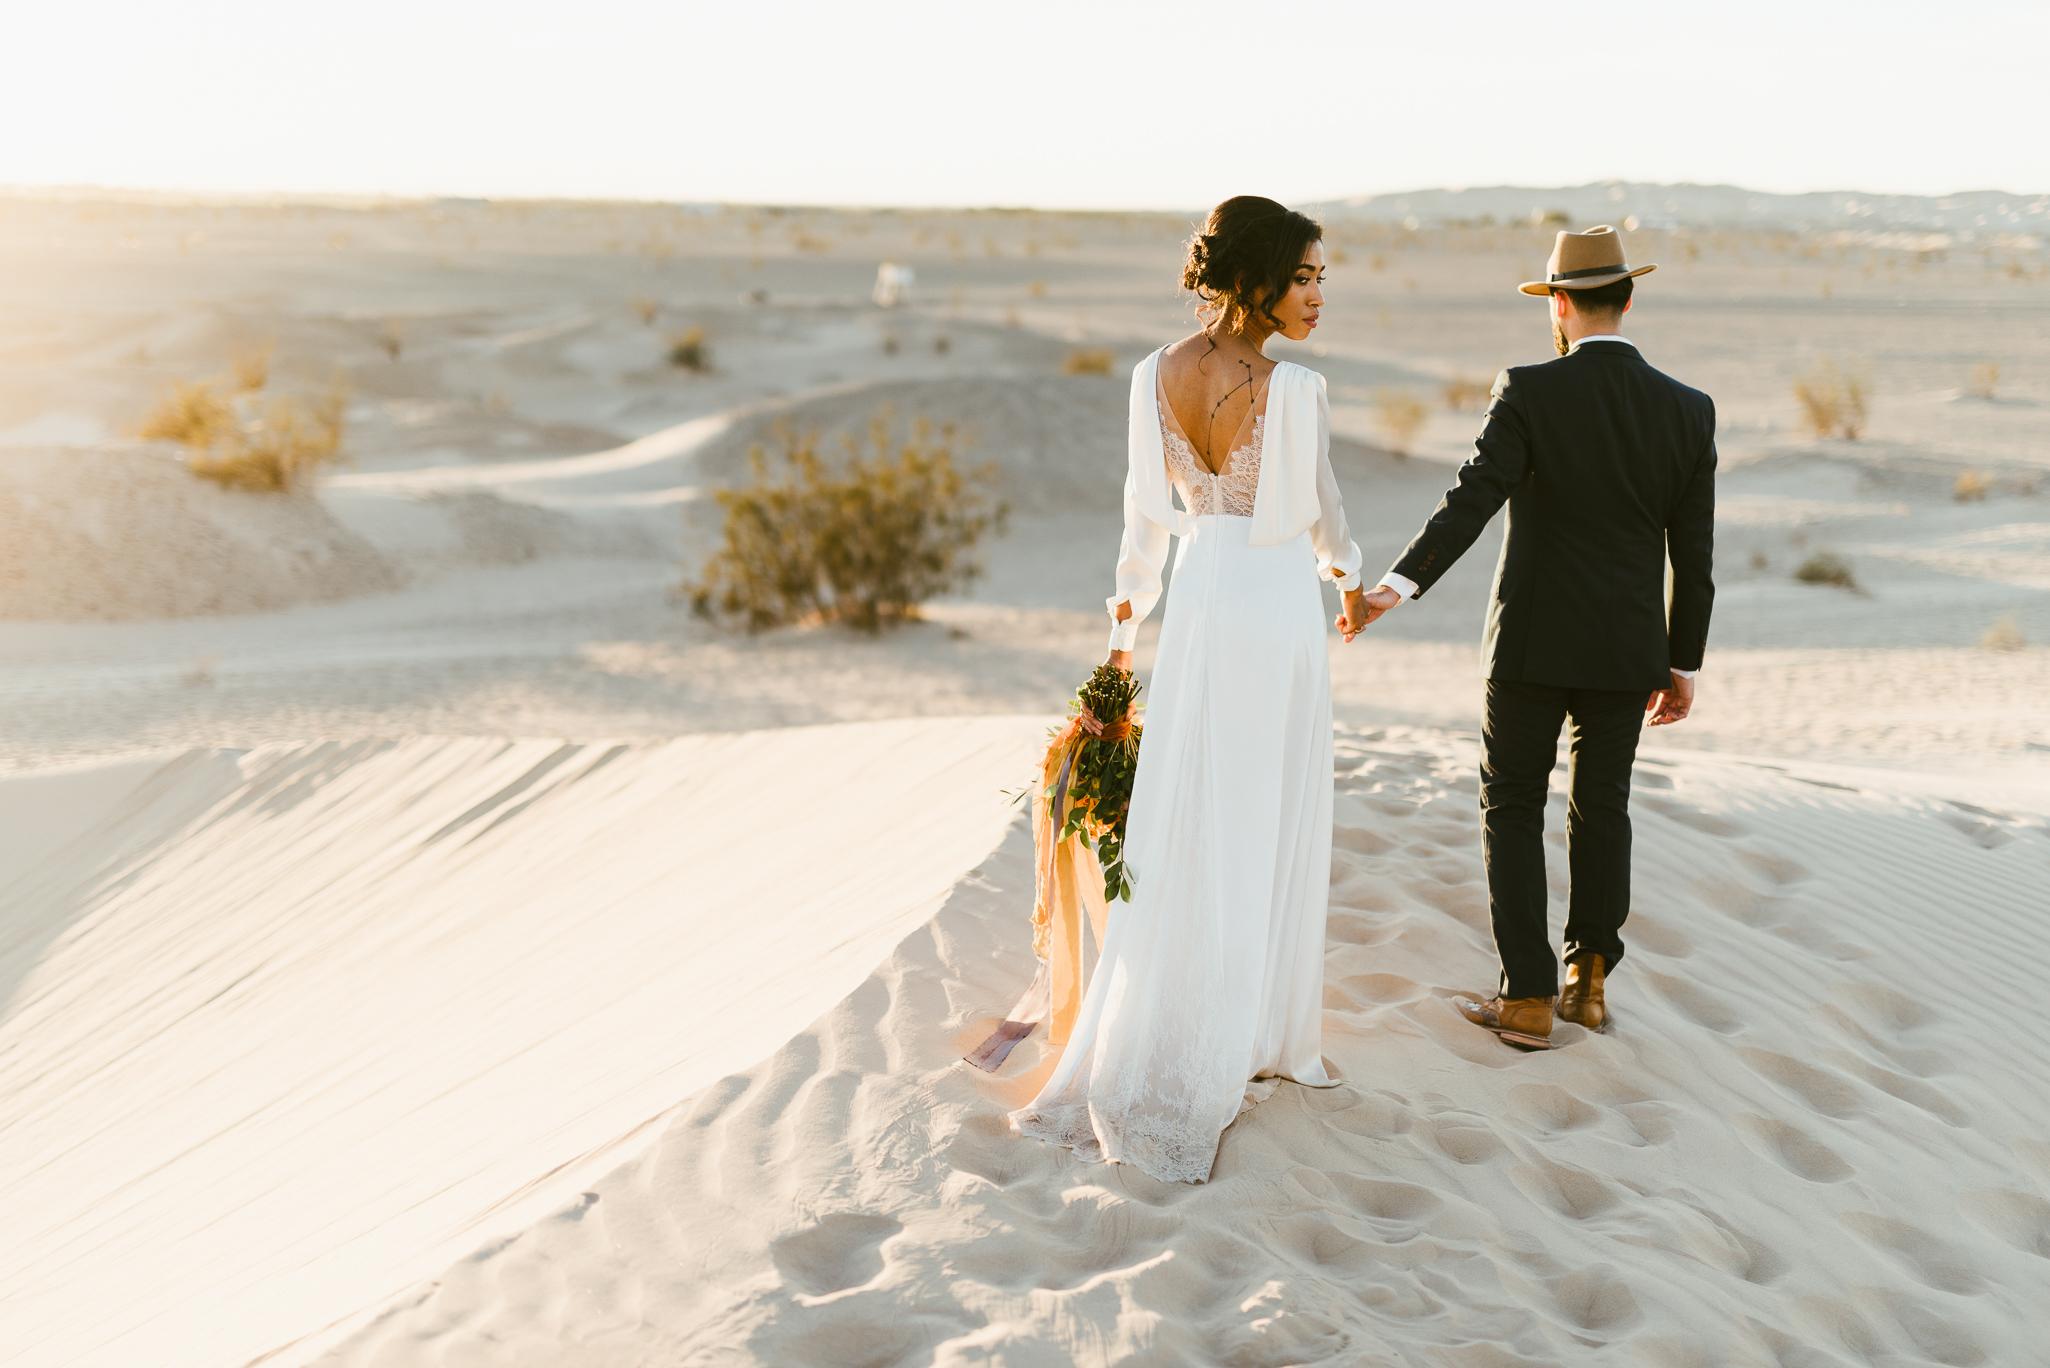 Frida enamorada boda en el desierto de baja california mexico LR-82.JPG